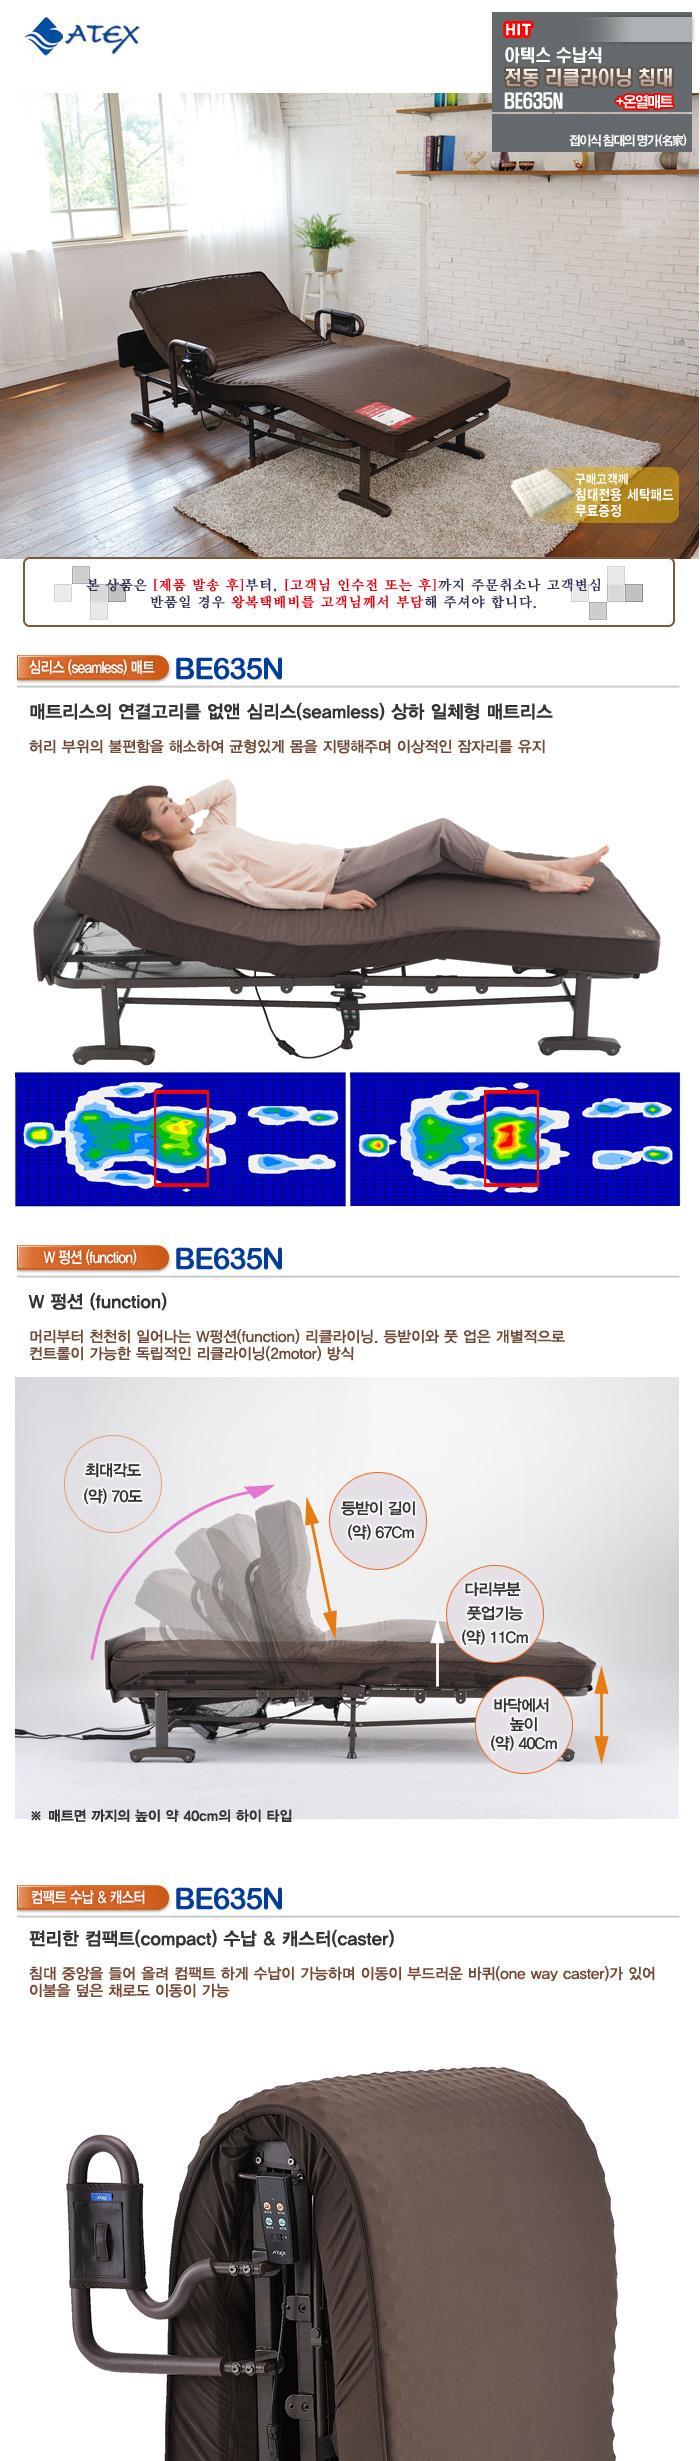 아텍스 수납식 전동 리클라이닝 침대 (BE635N)   온열 매트리스침대 침대 간이침대 접이식침대 기능성침대